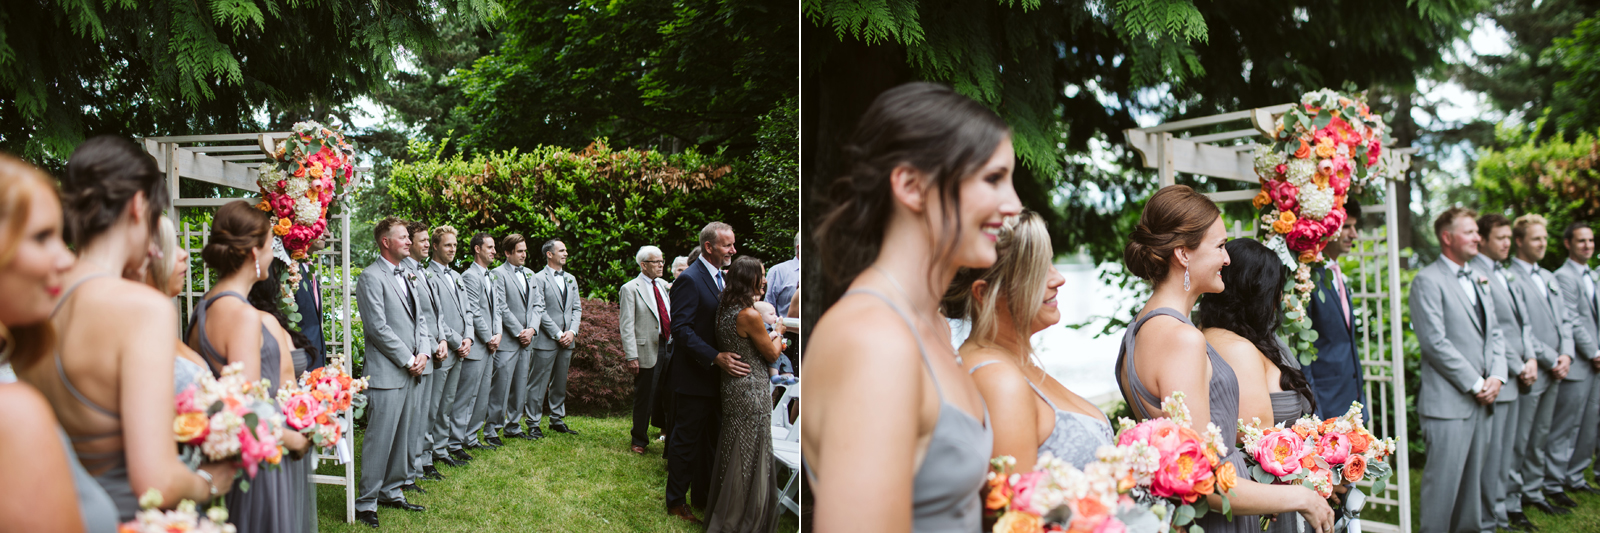 078-daronjackson-gabby-alec-wedding.jpg